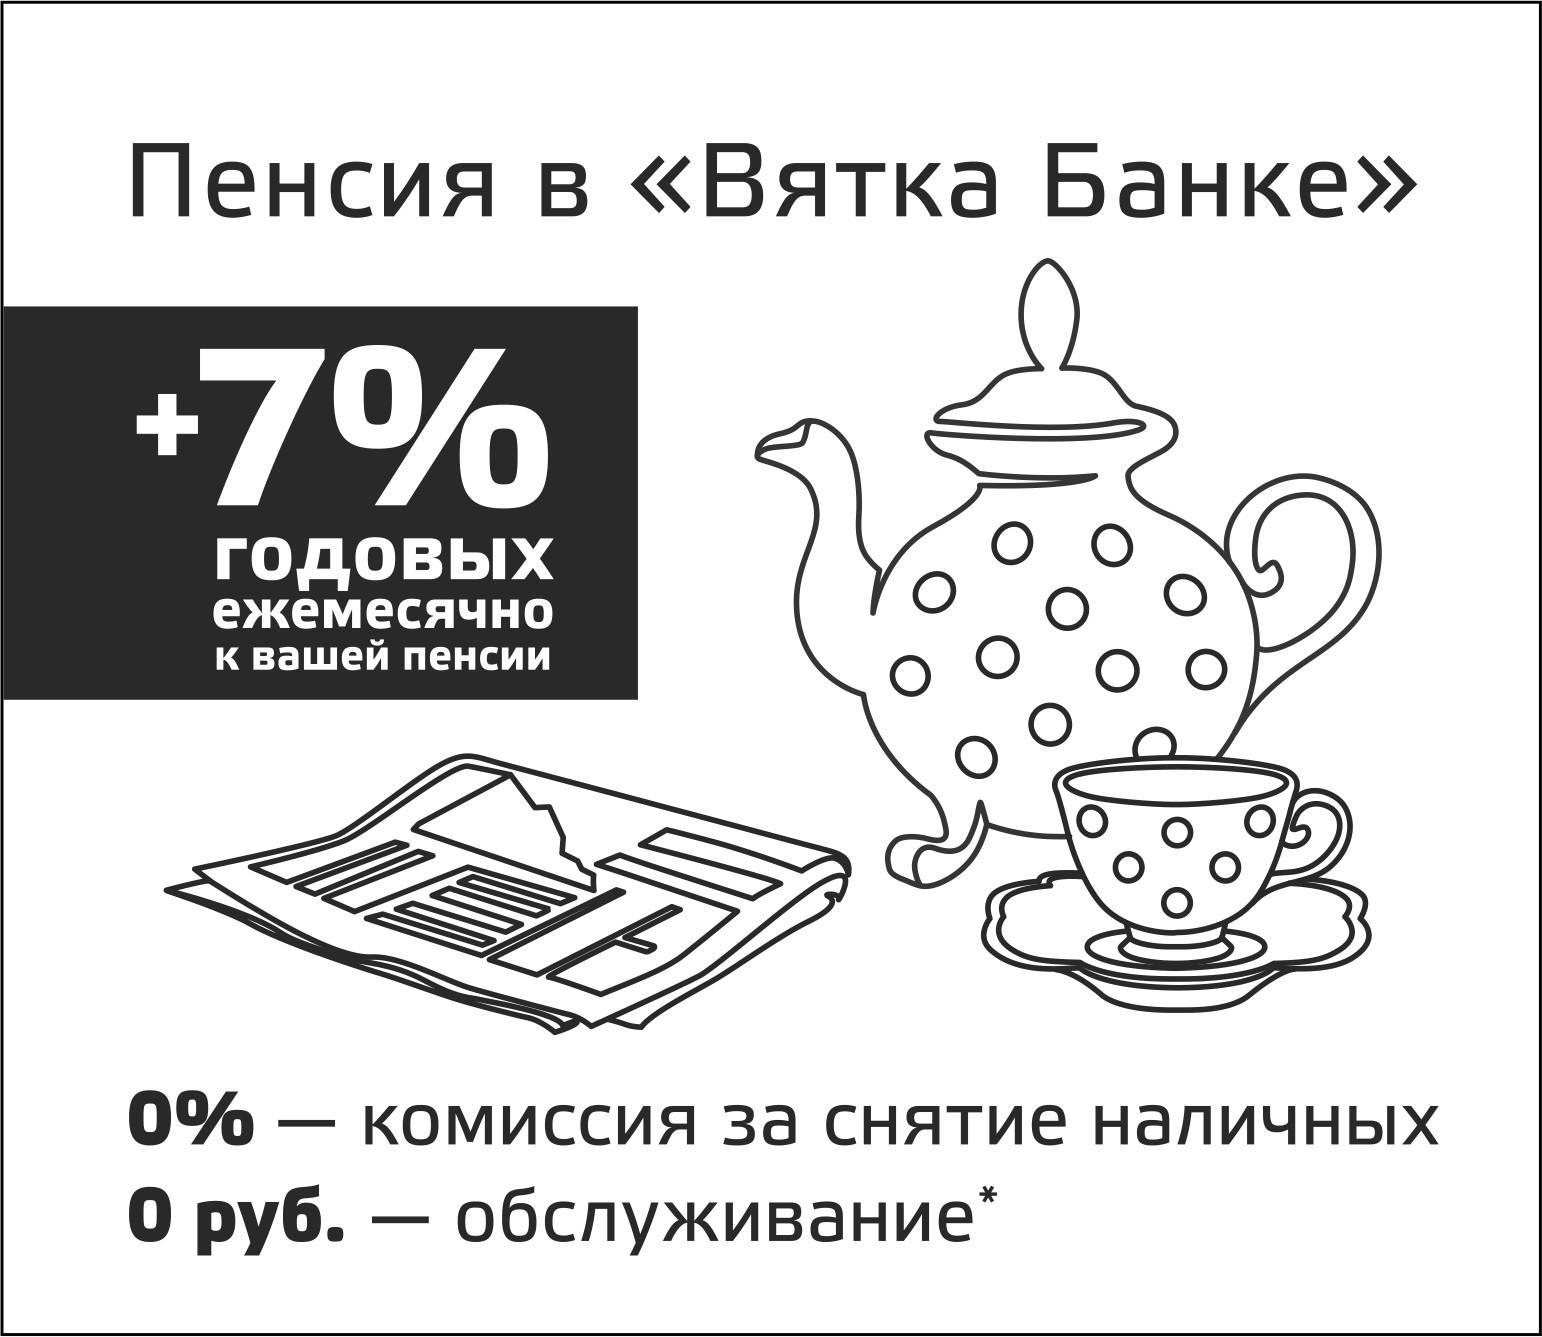 Услуги для пенсионеров_130х154